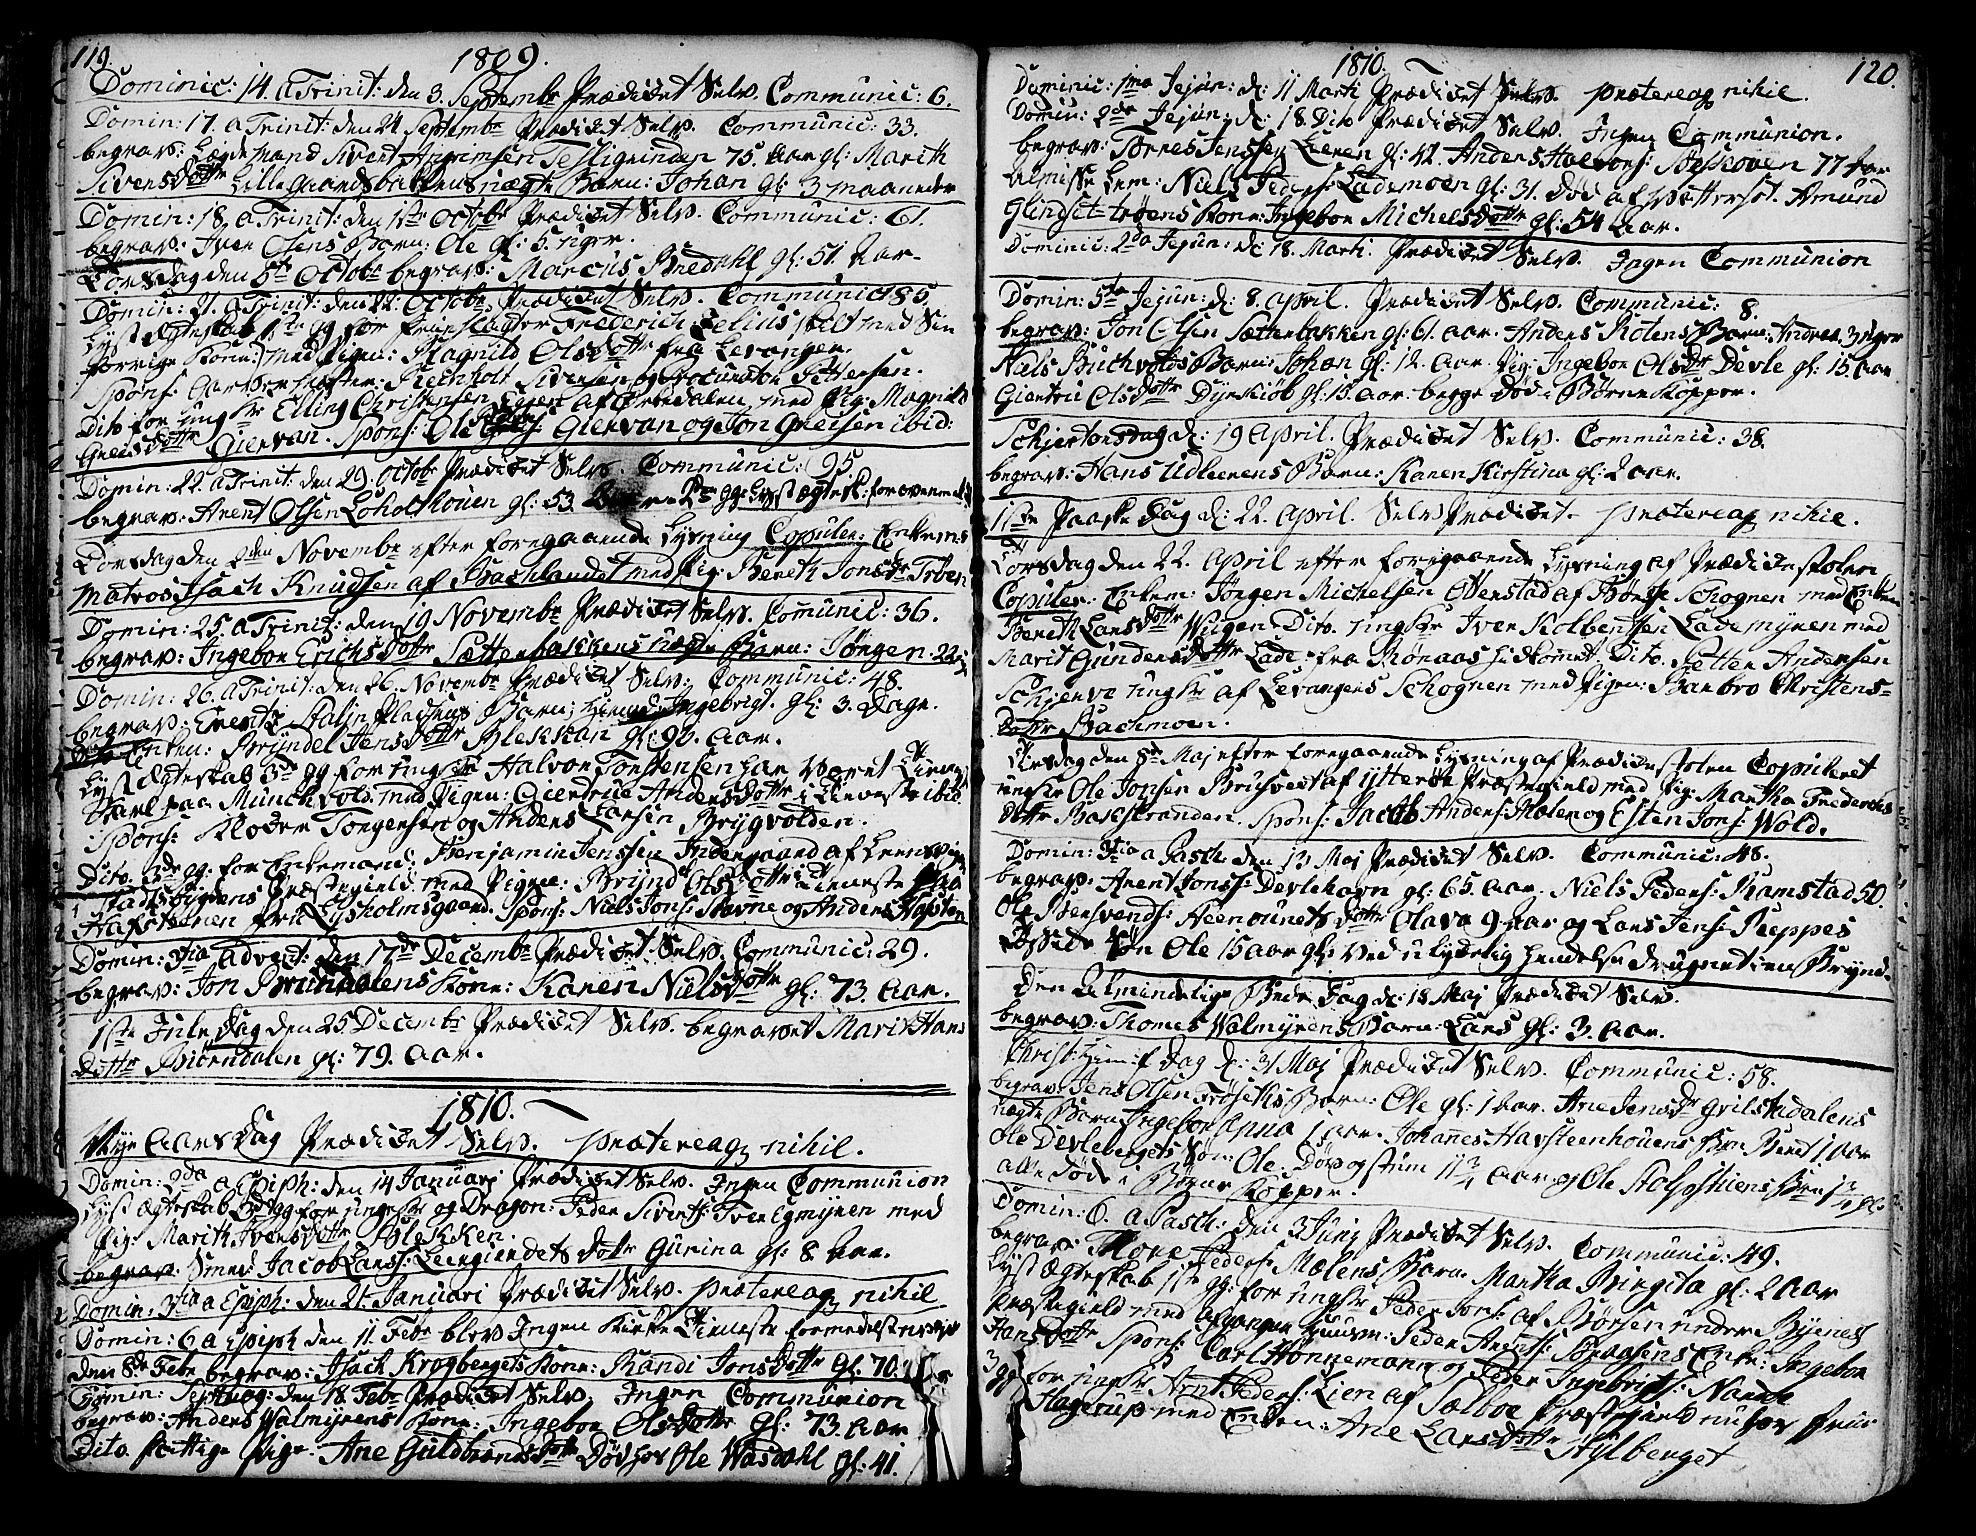 SAT, Ministerialprotokoller, klokkerbøker og fødselsregistre - Sør-Trøndelag, 606/L0280: Ministerialbok nr. 606A02 /1, 1781-1817, s. 119-120